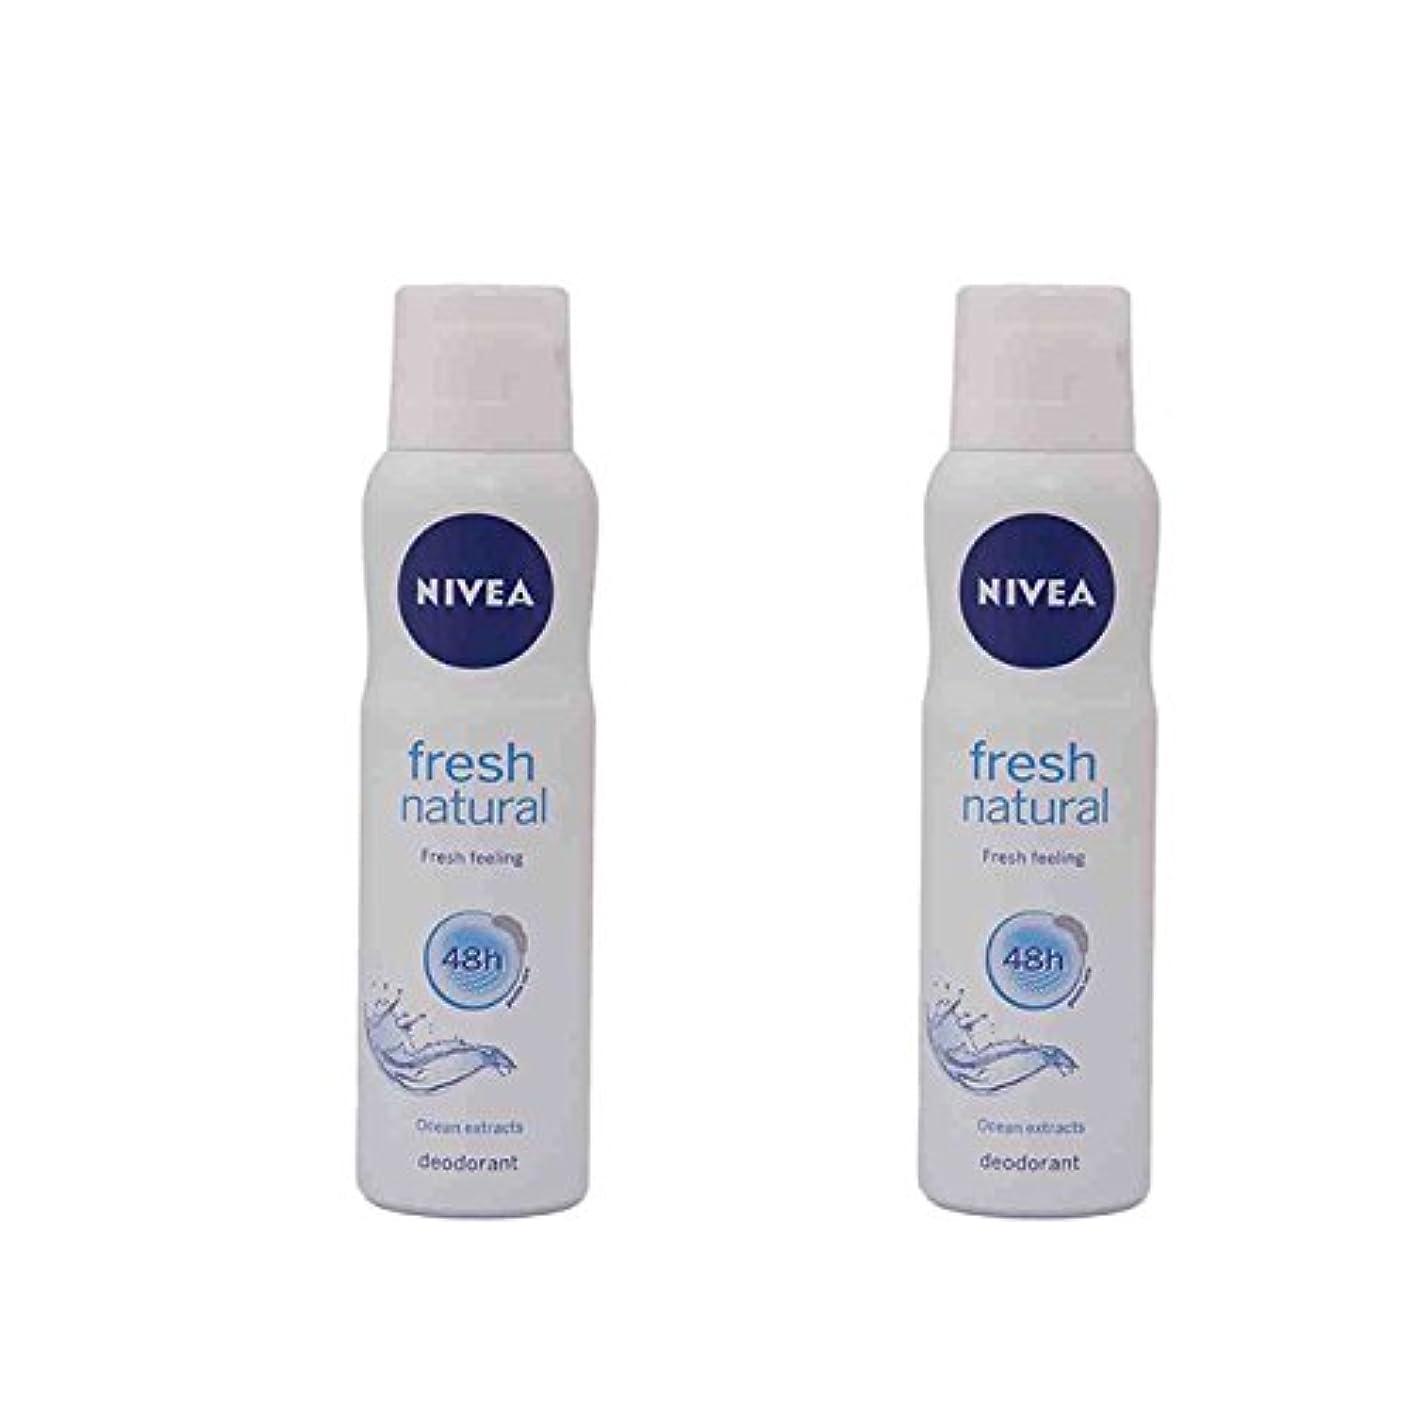 ジョージバーナード役割数学2 Lots X Nivea For Women Fresh Natural Deodorant, 150ml - 並行輸入品 - 2ロットXニベア女性用フレッシュナチュラルデオドラント、150ml